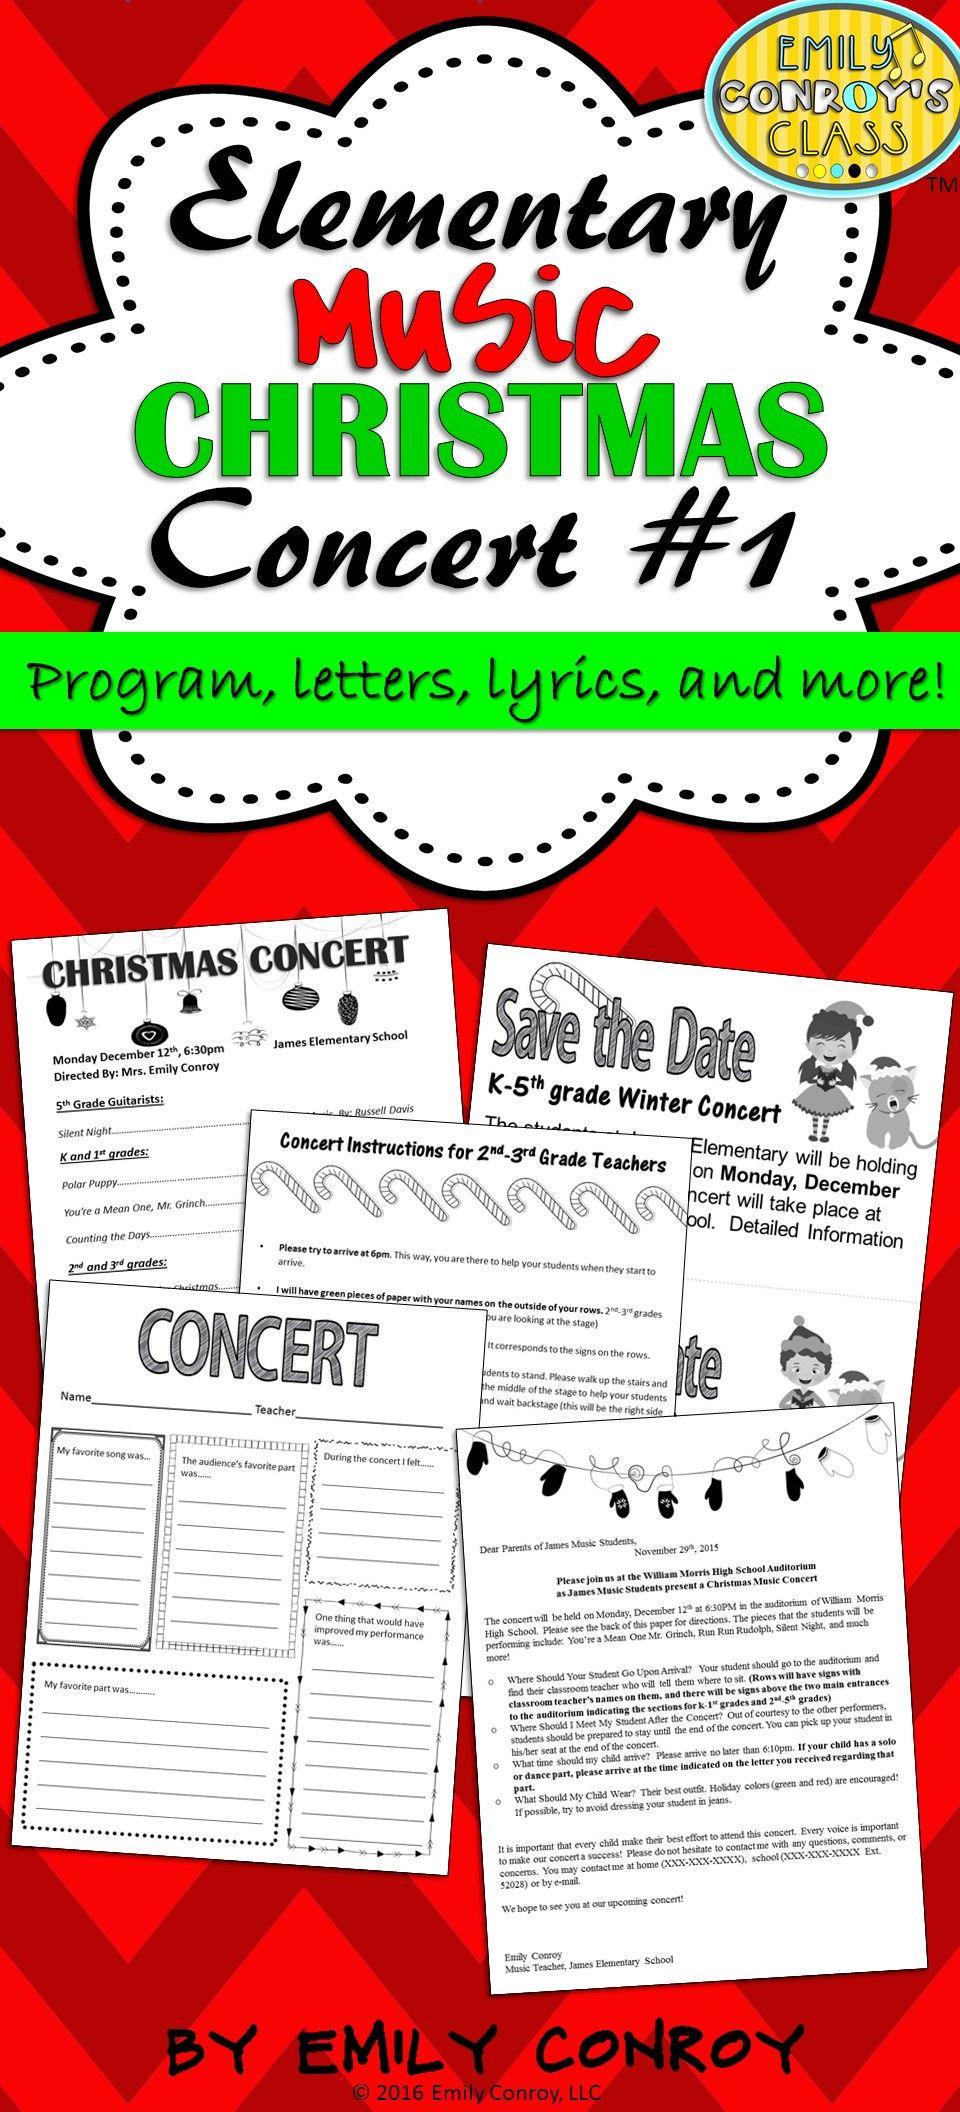 Elementary Music Christmas Concert 1 Program, letters